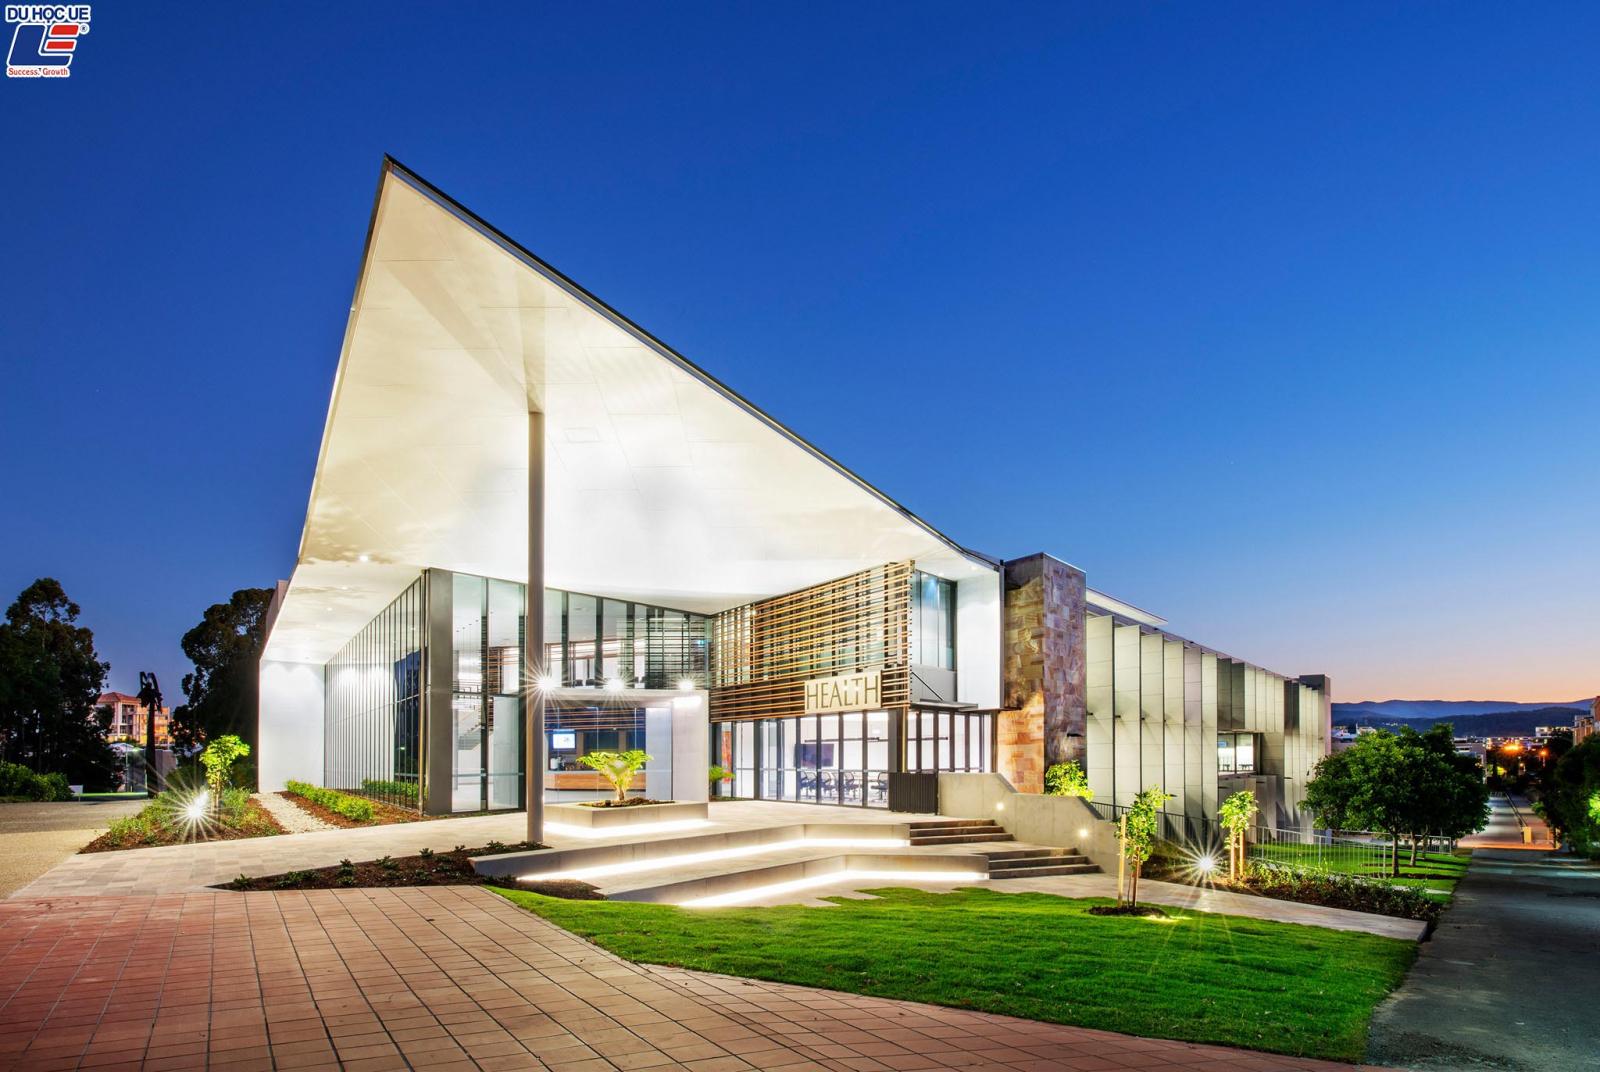 Bond University - Học bổng khủng tại thành phố biển ở Úc